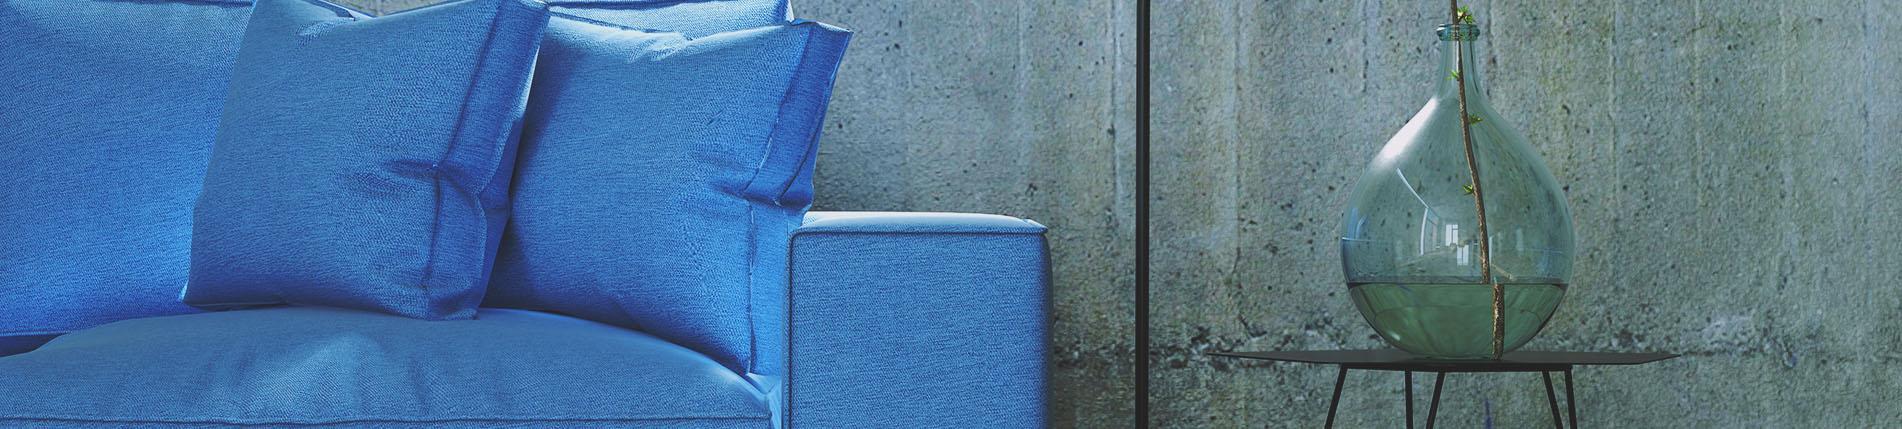 Dekor Textilien und Tischdecken